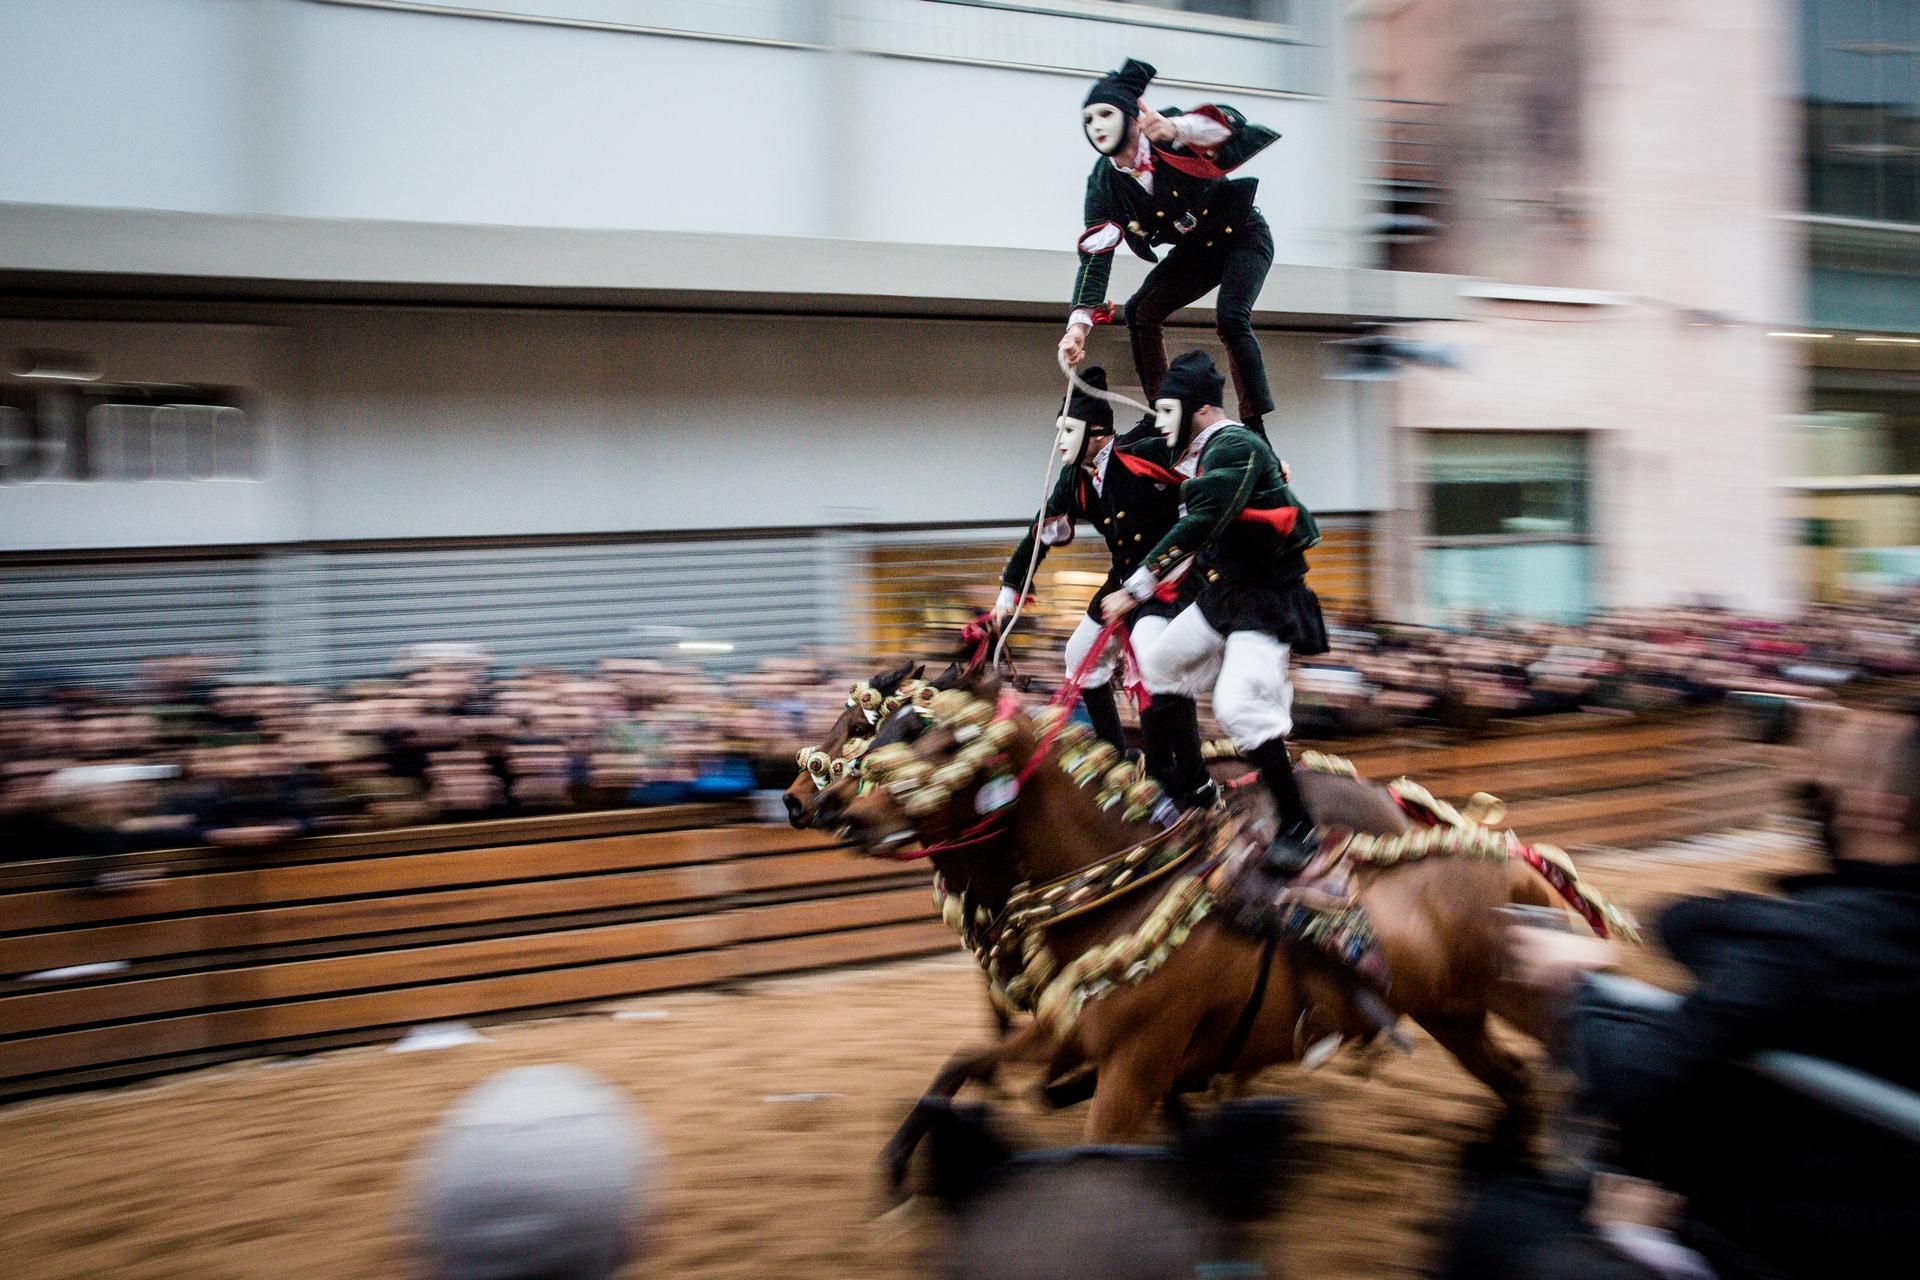 葩立耶 - 「穿星」活動結束後,同一隊騎士會展開另外一段稱為「葩立耶」(Pariglie)的馬術儀式。應該不難看出,奧里斯塔諾的騎士確實是全島上最出色的! PHOTOGRAPH BY MICHELE ARDU